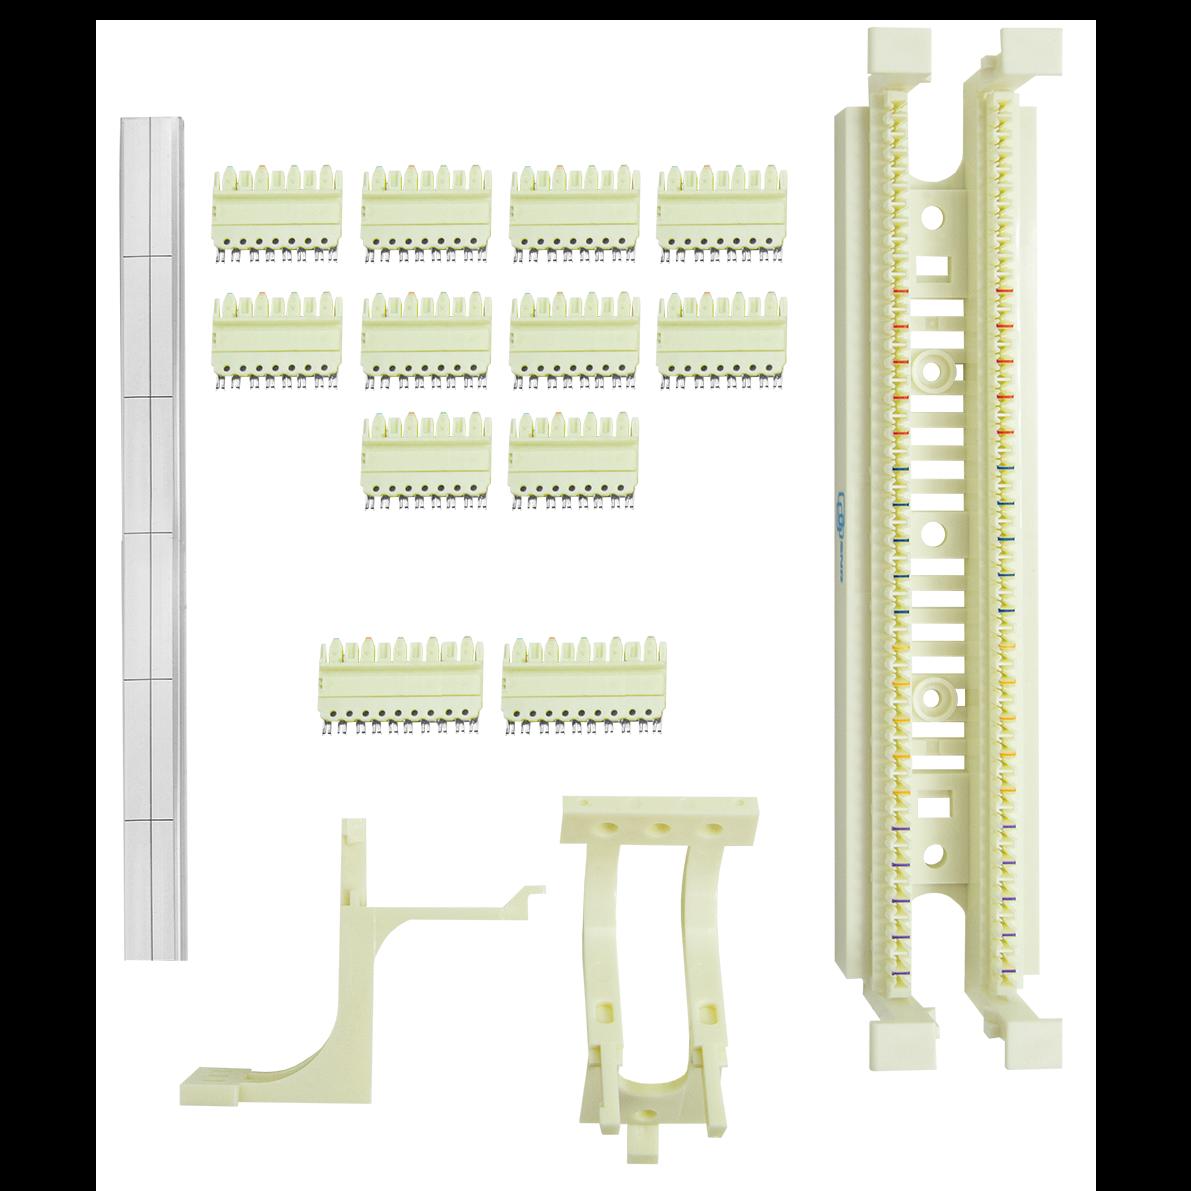 Кросс-панель тип 110 до 50 пар, настенный монтаж, с ногами